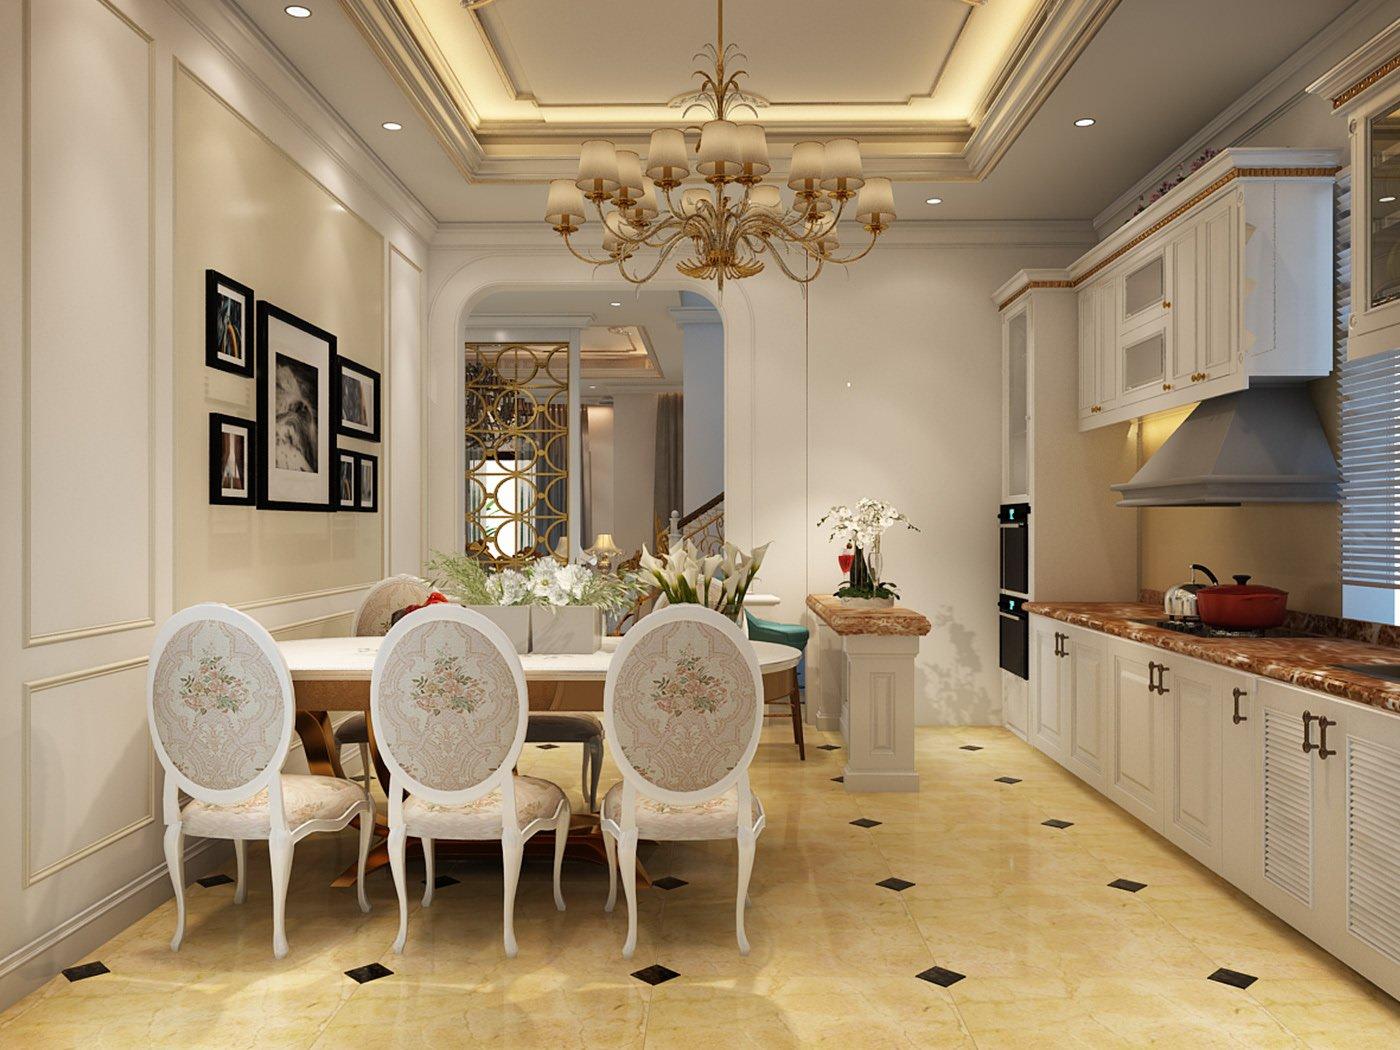 biệt thự cổ điển cao cấp bếp và phòng ăn